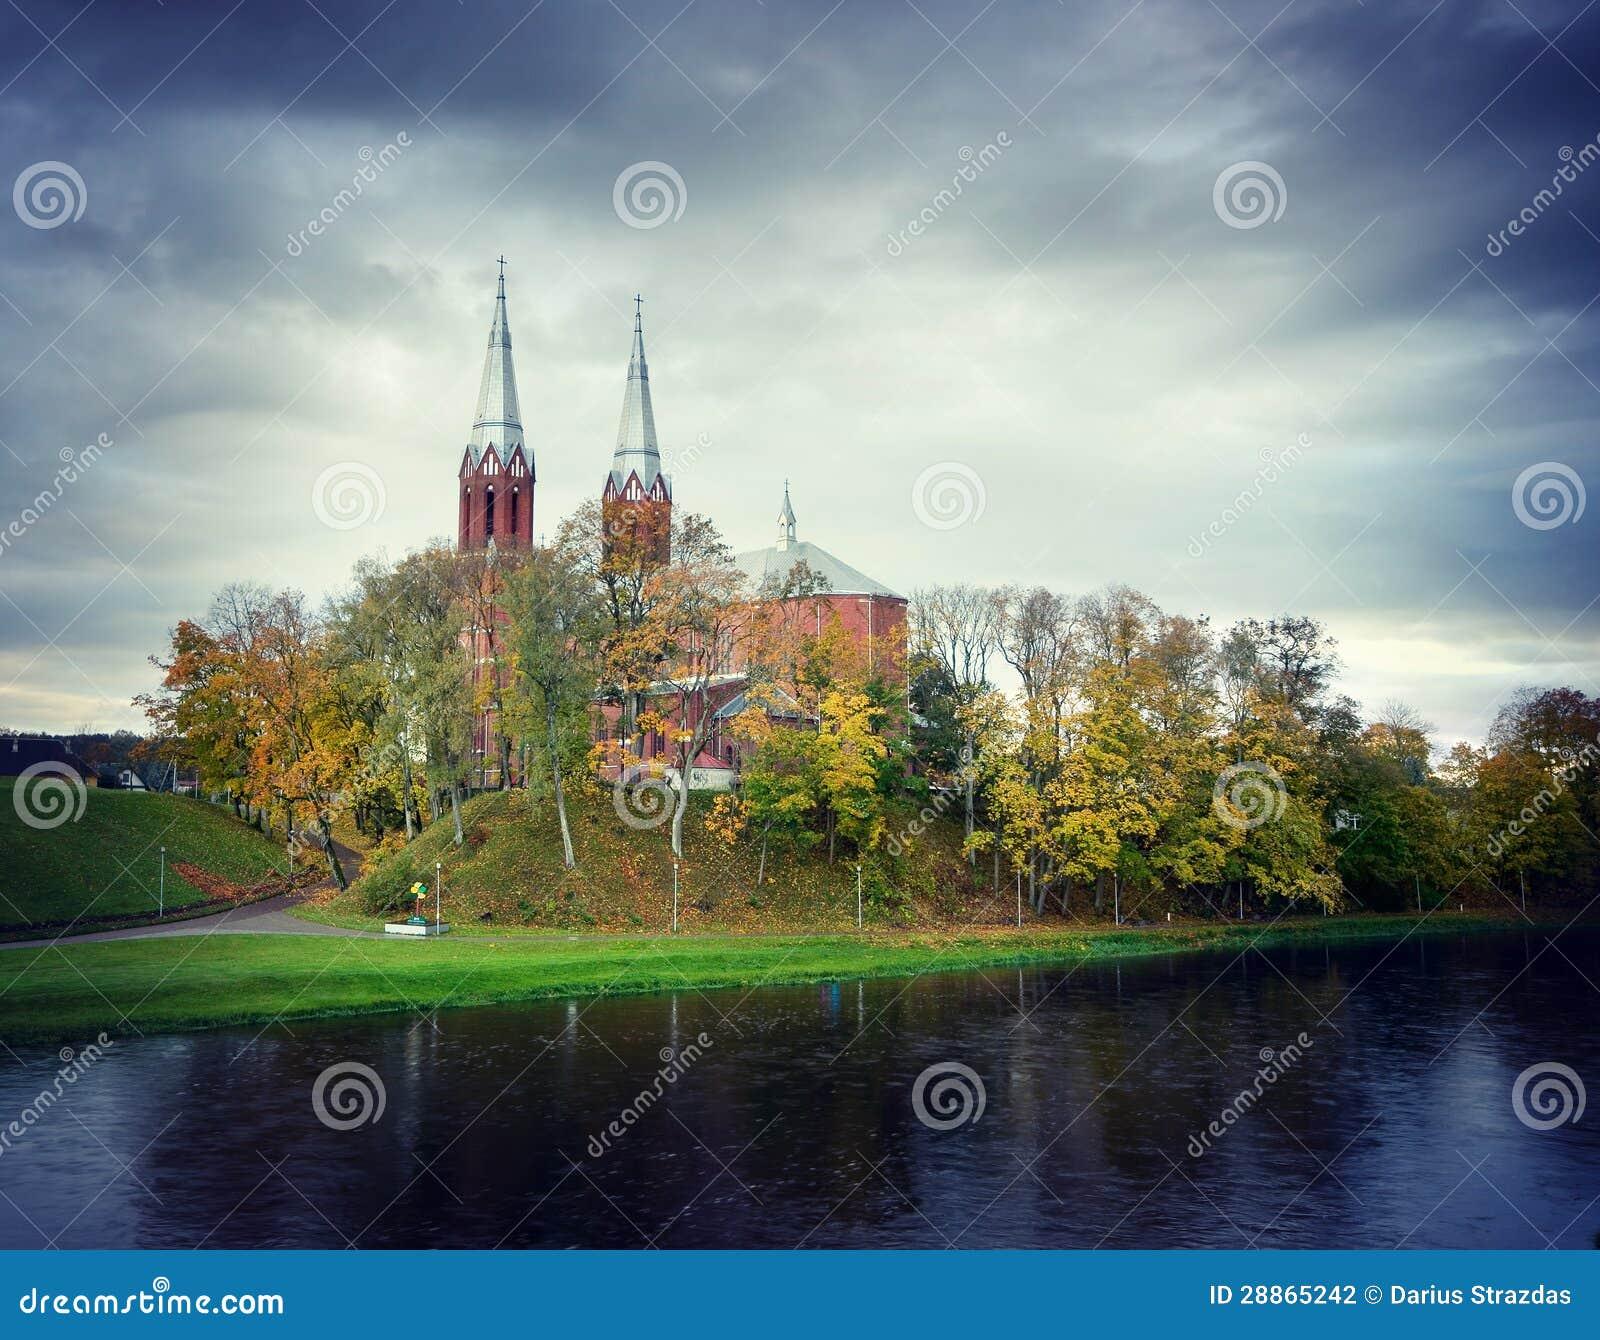 Anyksciai kyrka